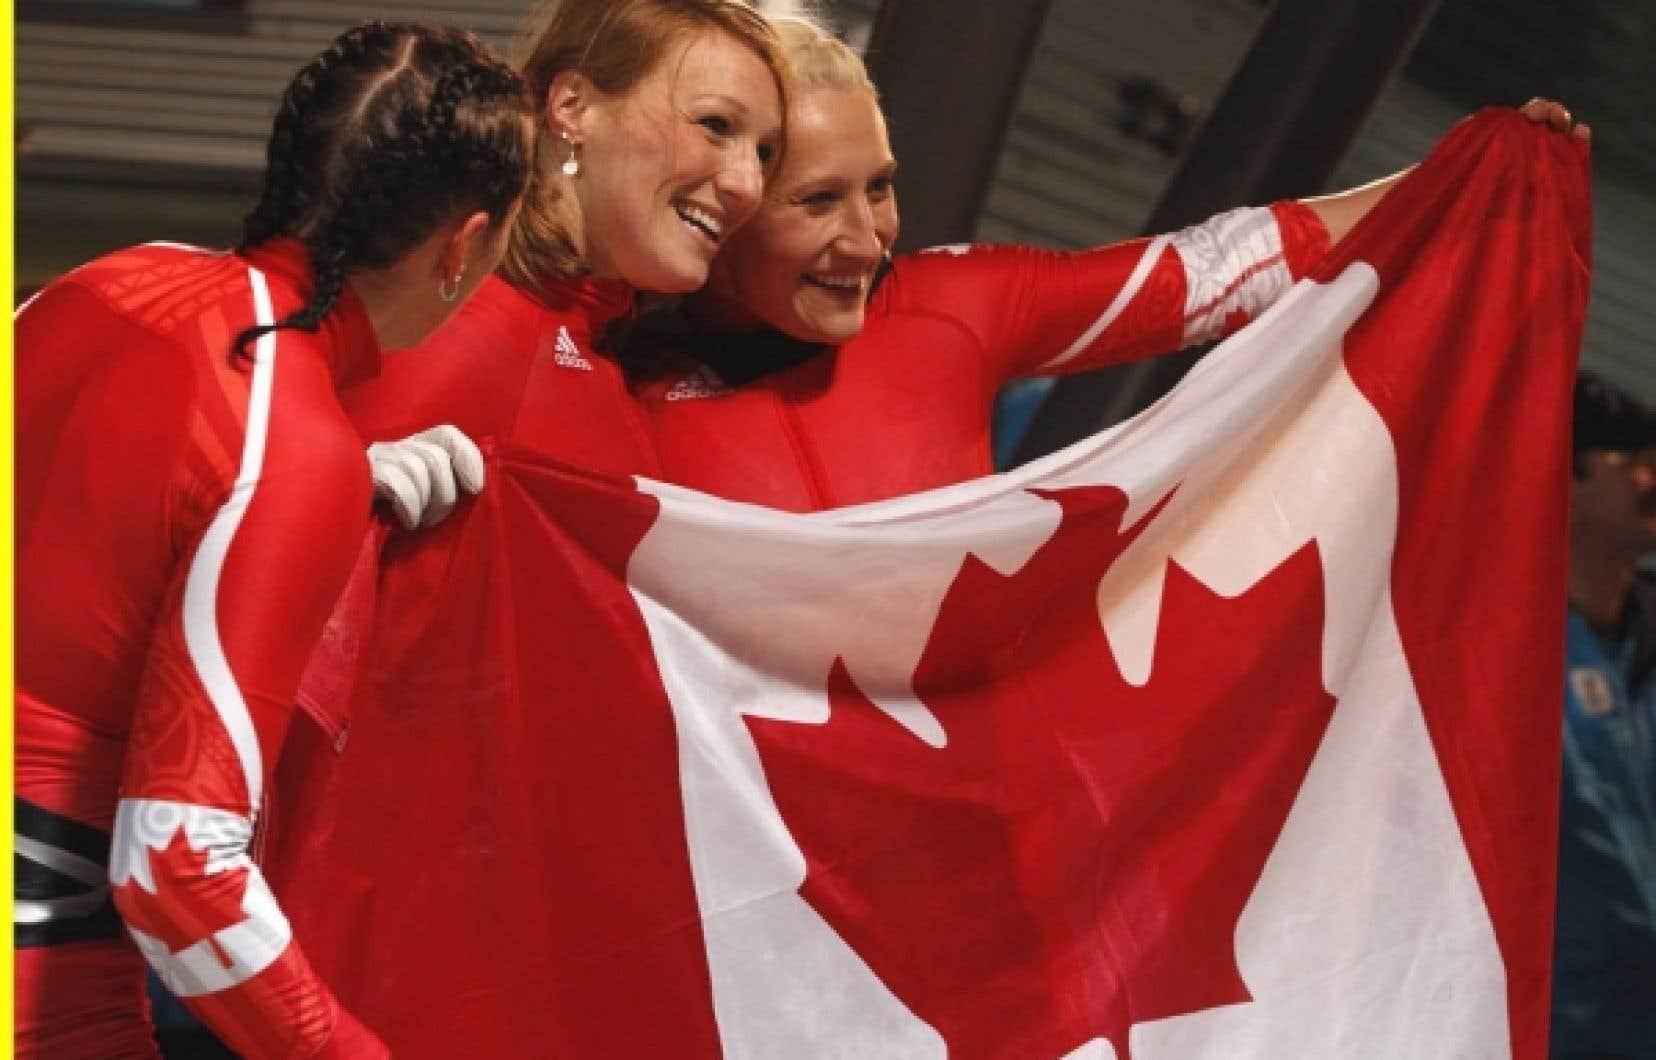 Heather Moyse (au centre), Kaillie Humphries (à droite) et Helen Upperton (à gauche) célèbrent leur podium avec le drapeau canadien.